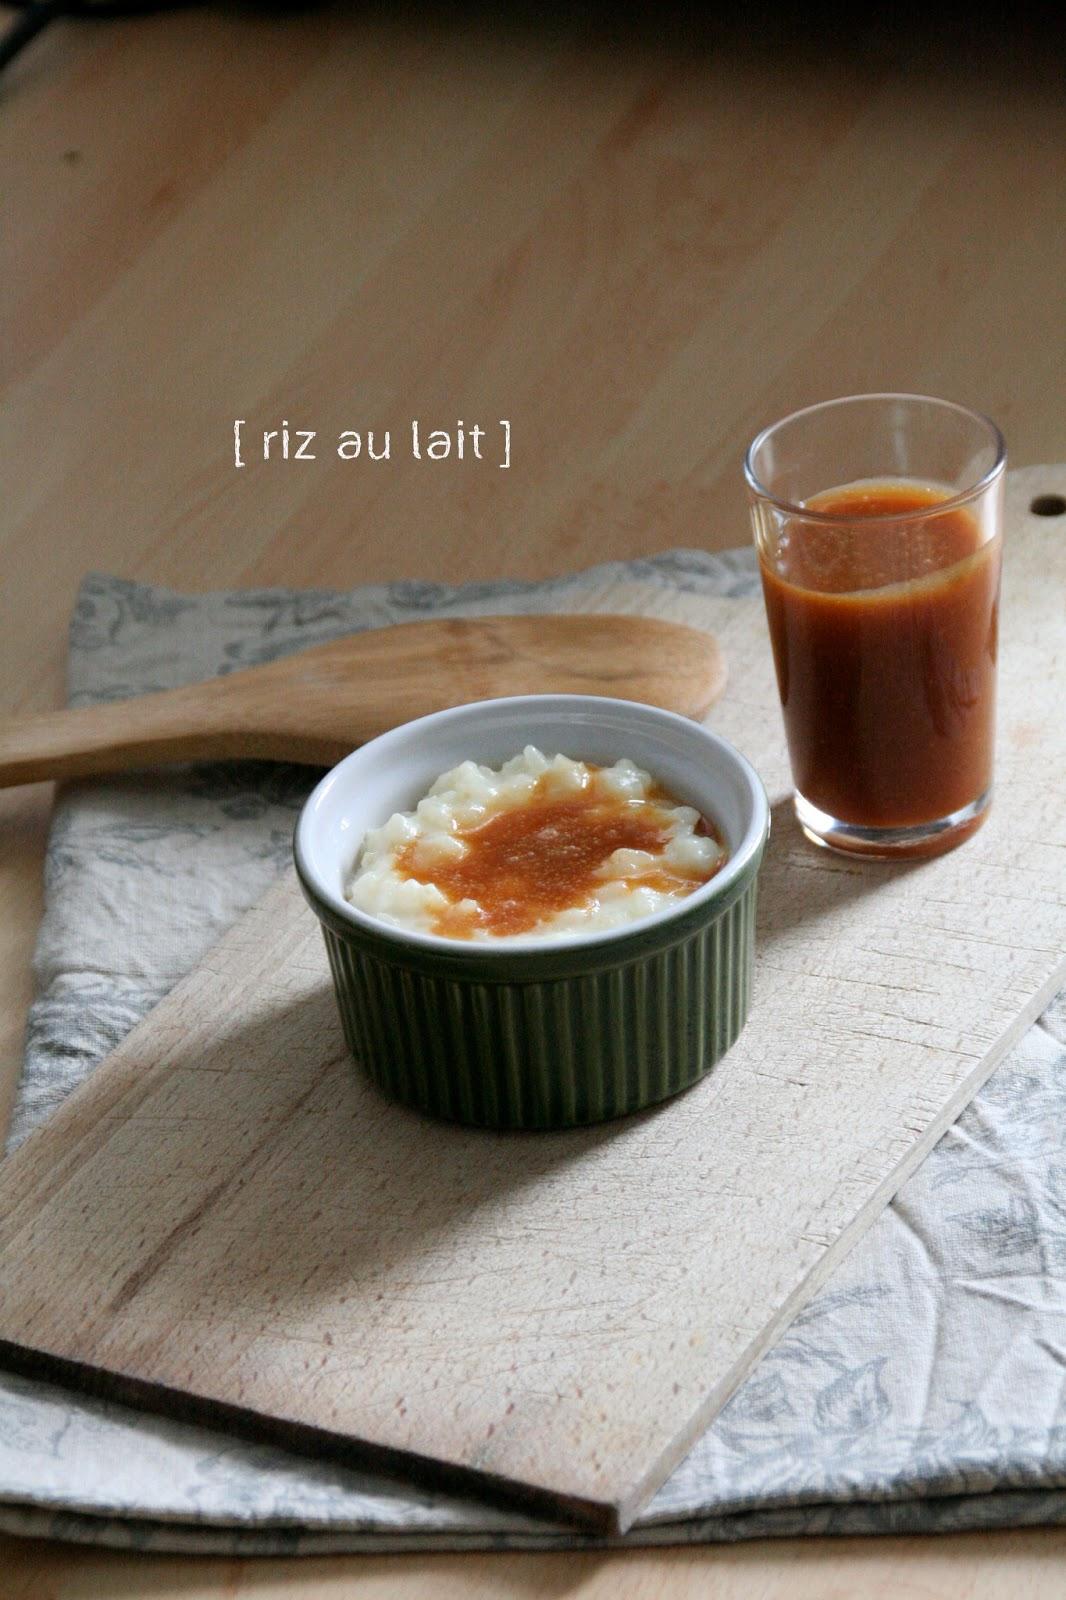 riz au lait au caramel au beurre sal blogs de cuisine. Black Bedroom Furniture Sets. Home Design Ideas